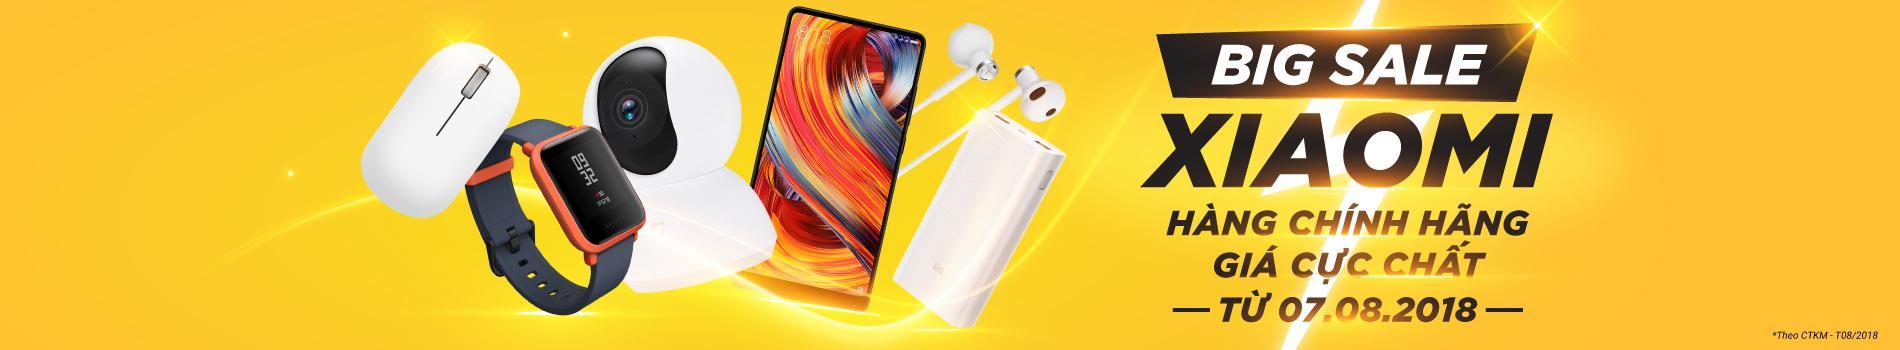 Chuyên Trang Xiaomi - Chính Hãng Xiaomi Phân Phối